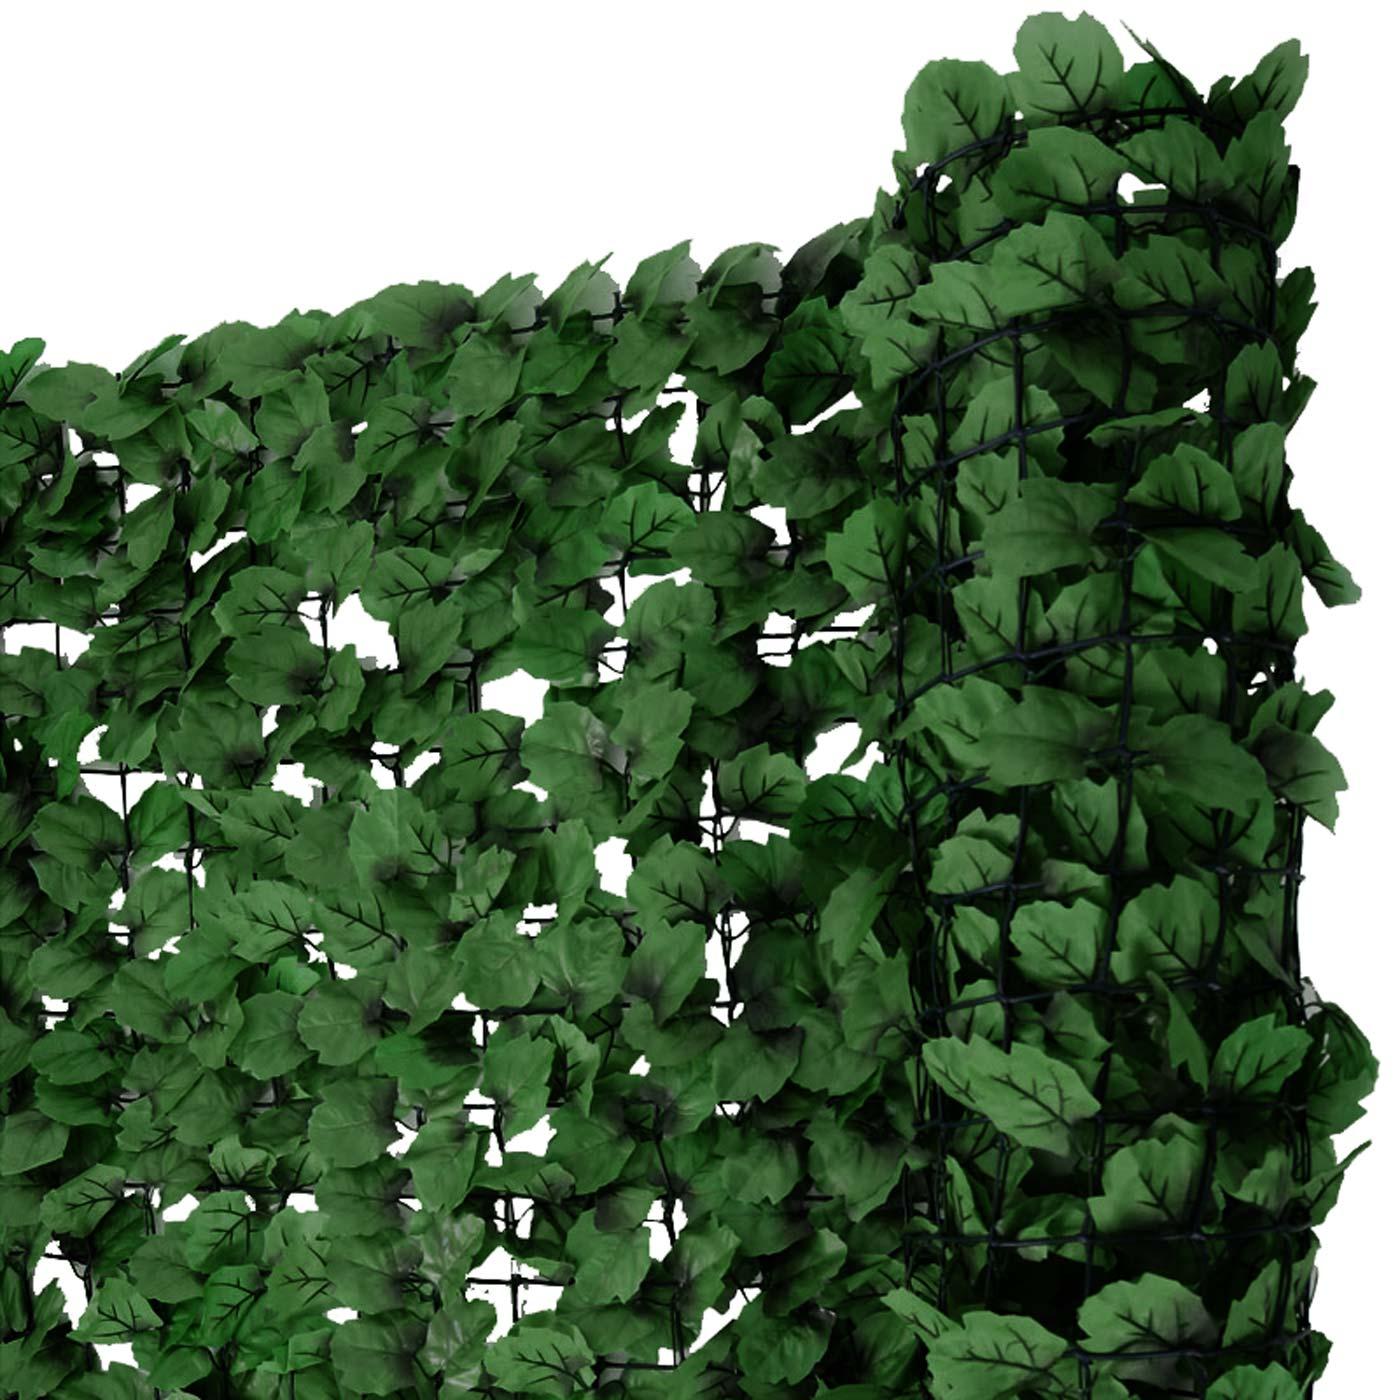 sichtschutz windschutz verkleidung f r balkon terrasse zaun kaufen bei mendler vertriebs gmbh. Black Bedroom Furniture Sets. Home Design Ideas